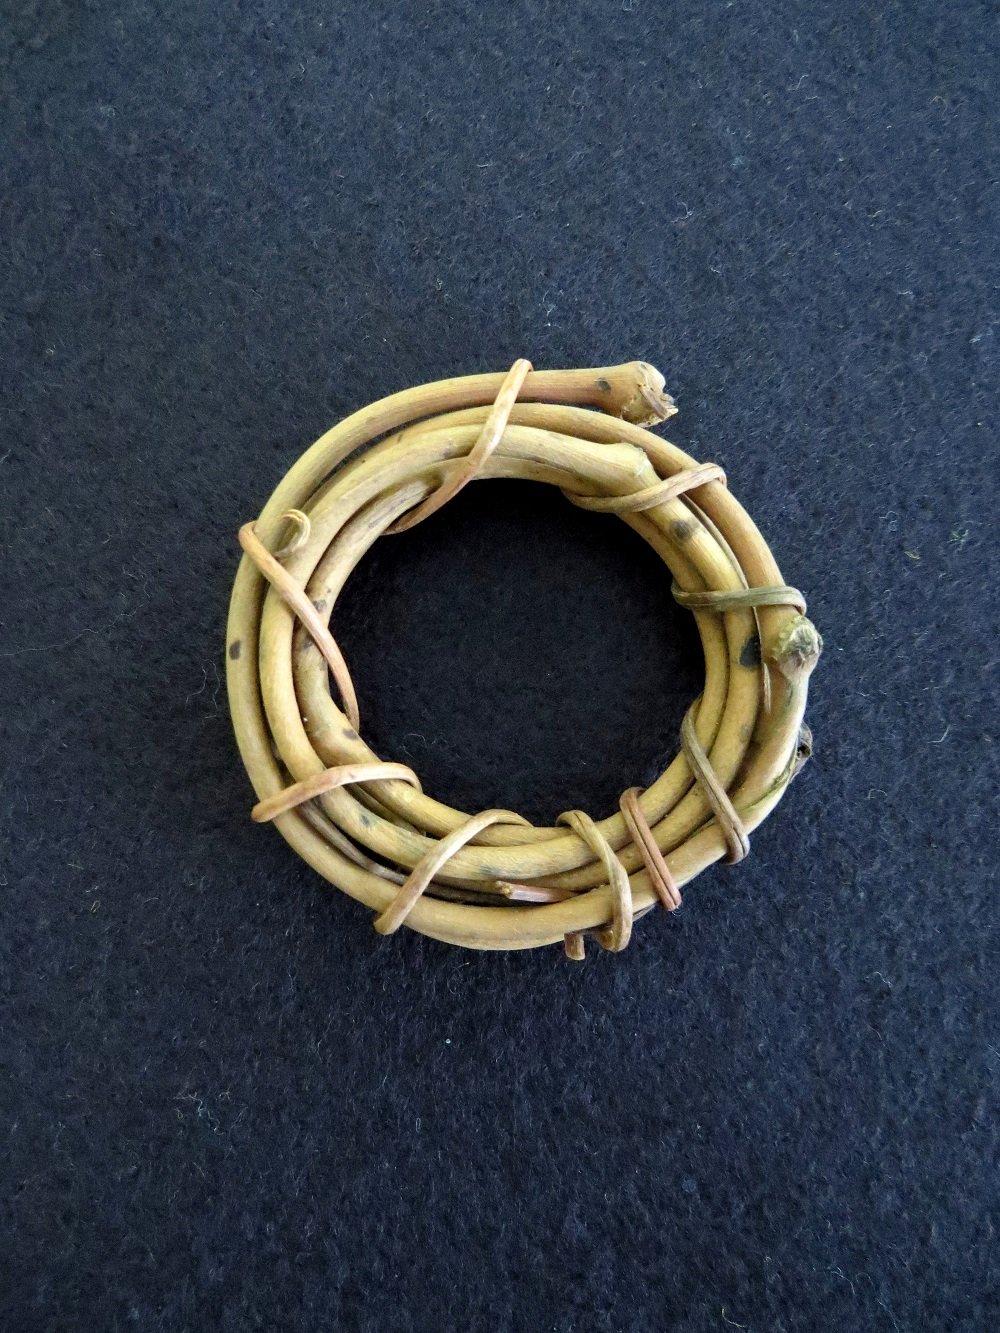 2 Grapevine wreath